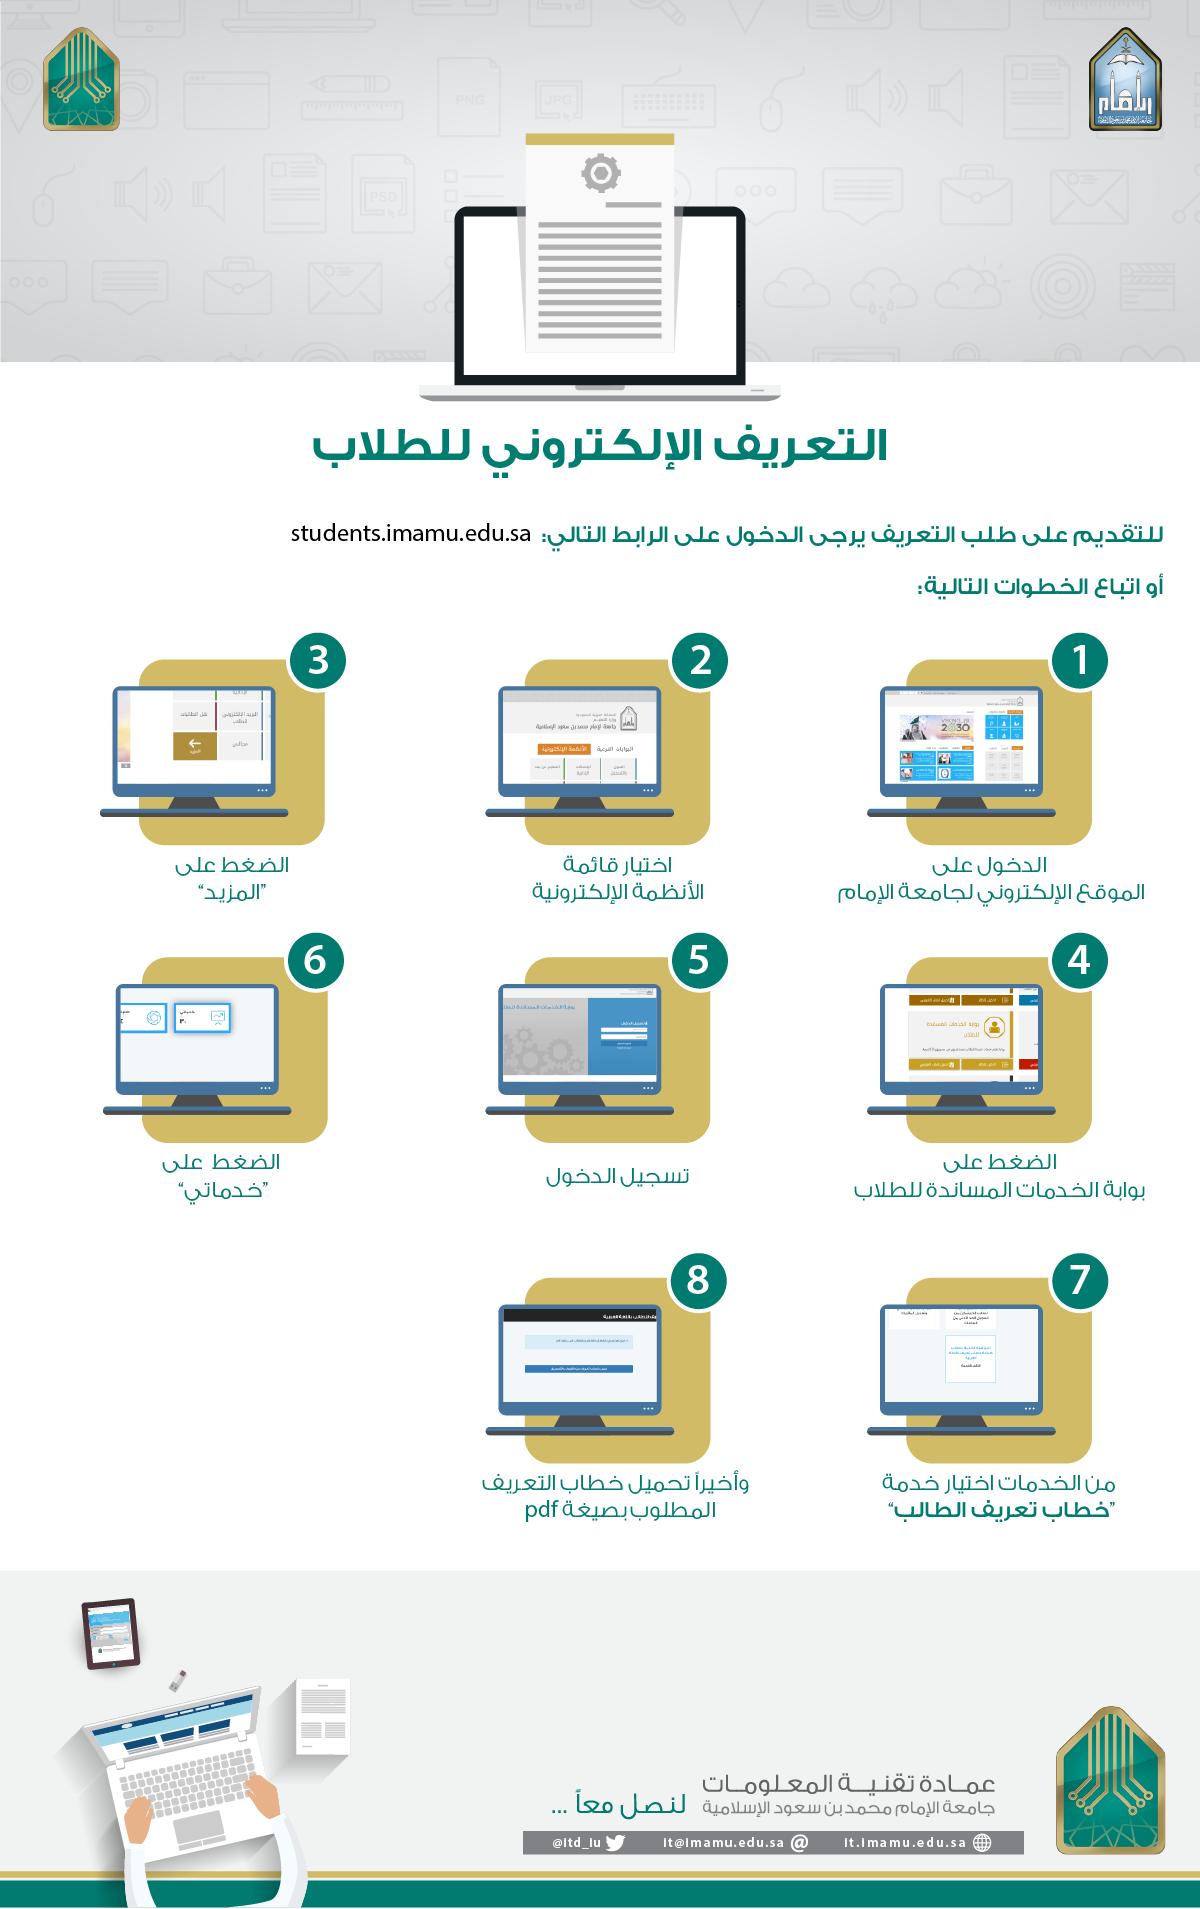 للطلاب تدشين خدمة طلب تعريف الطالب إلكترونيا